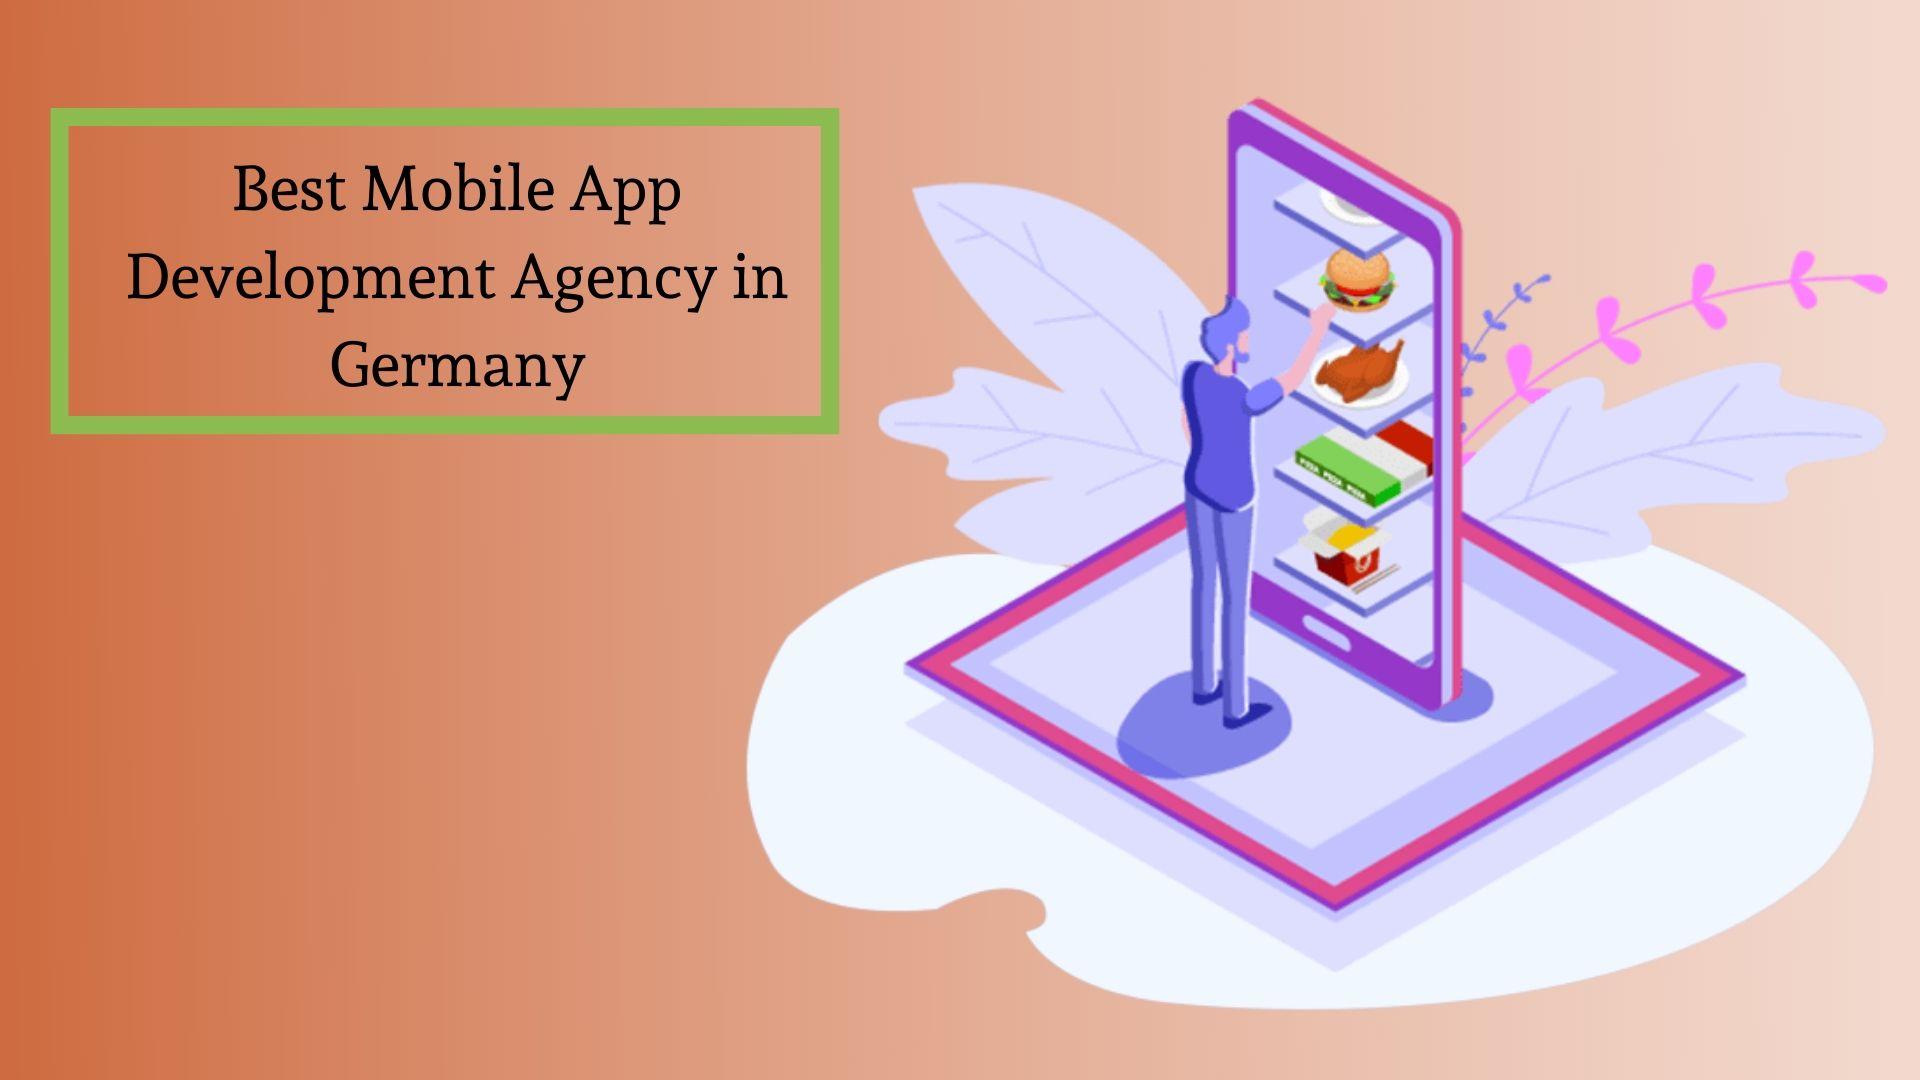 Best Mobile App Development Agency in Germany